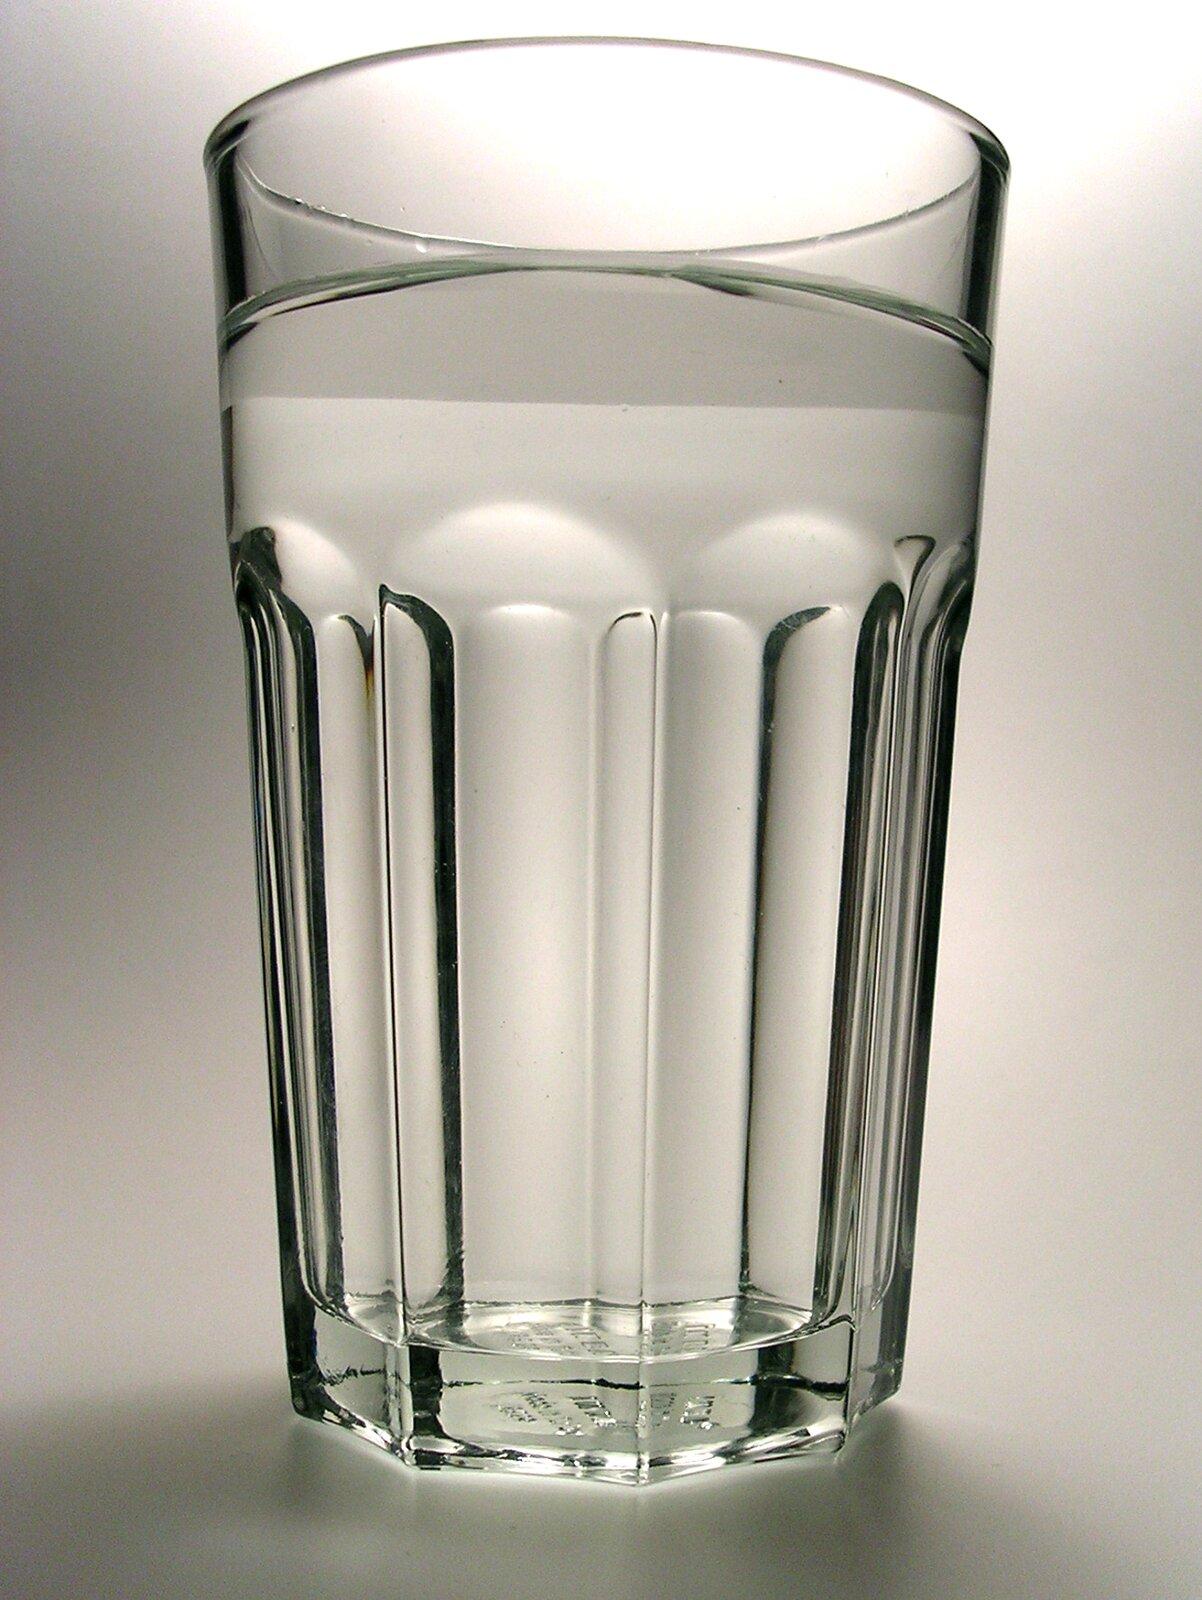 Zdjęcie przedstawia szklankę wypełnioną wodą stojącą na szarym tle.